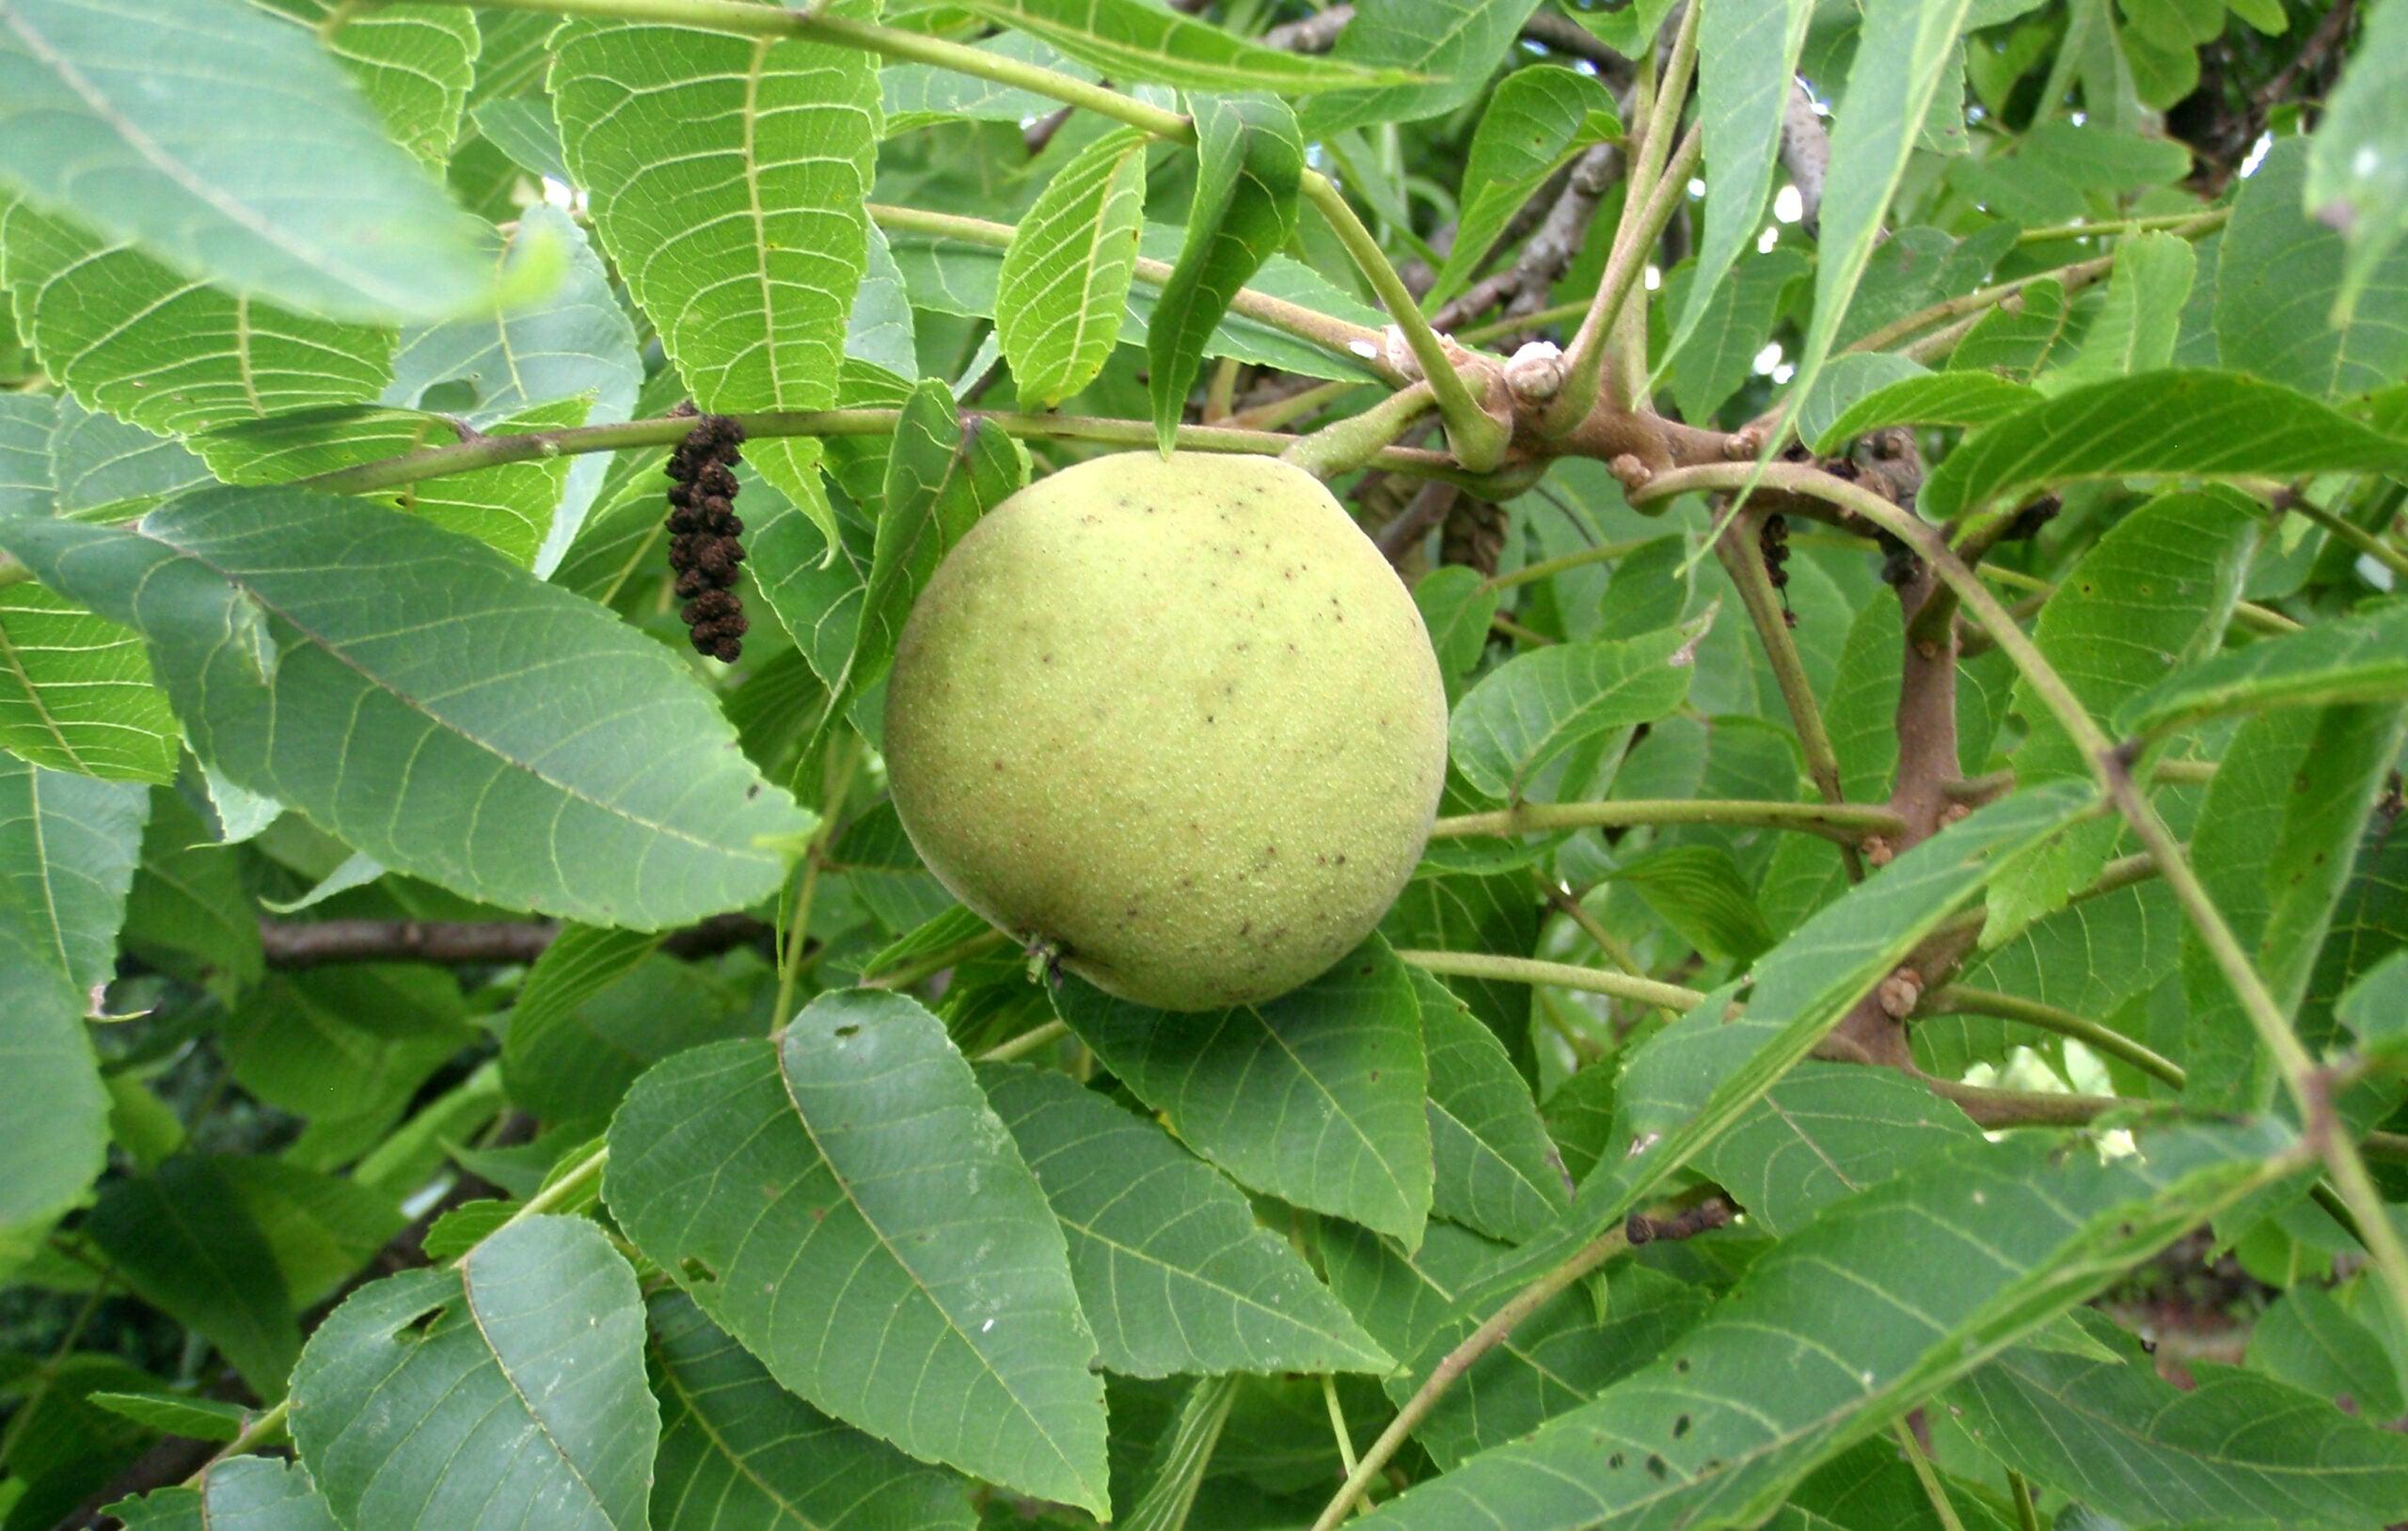 Survival Skills: 5 Survival Uses of the Black Walnut Tree